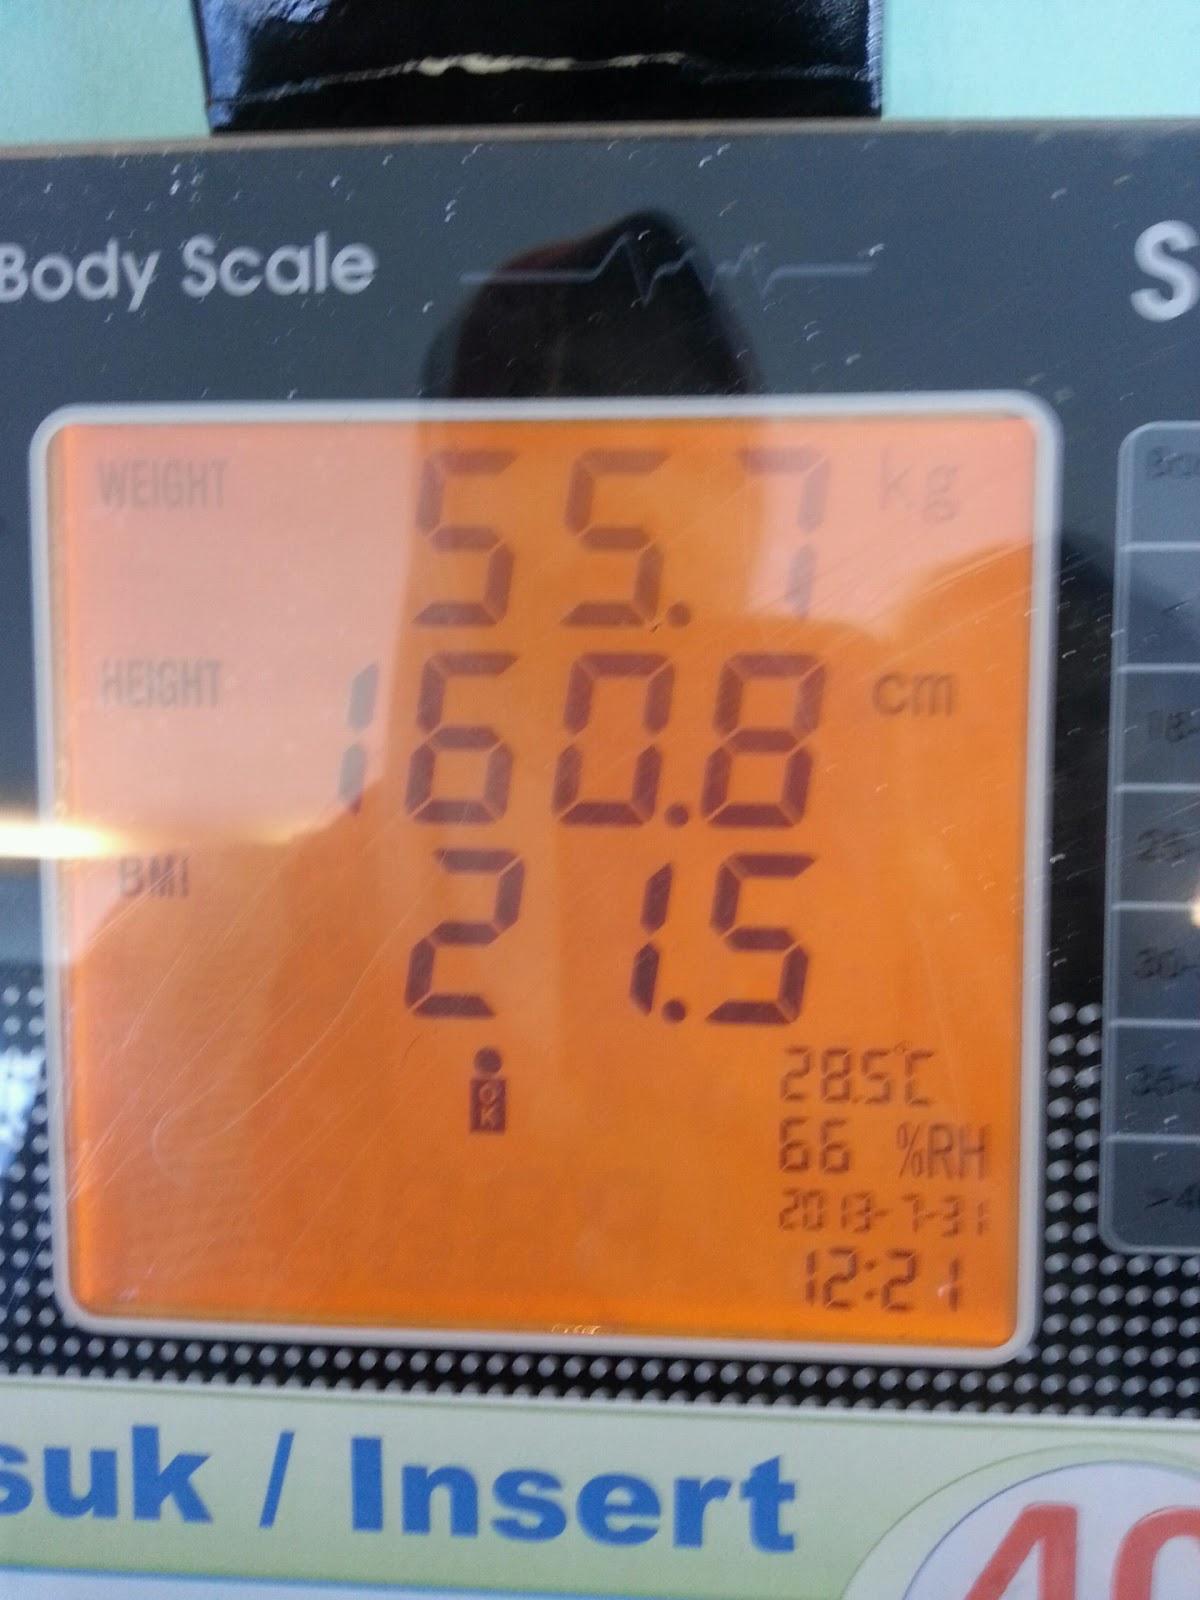 Dyah - Berat Badanku Turun 4 Kg Sebulan Dengan Terapi Hipnotis